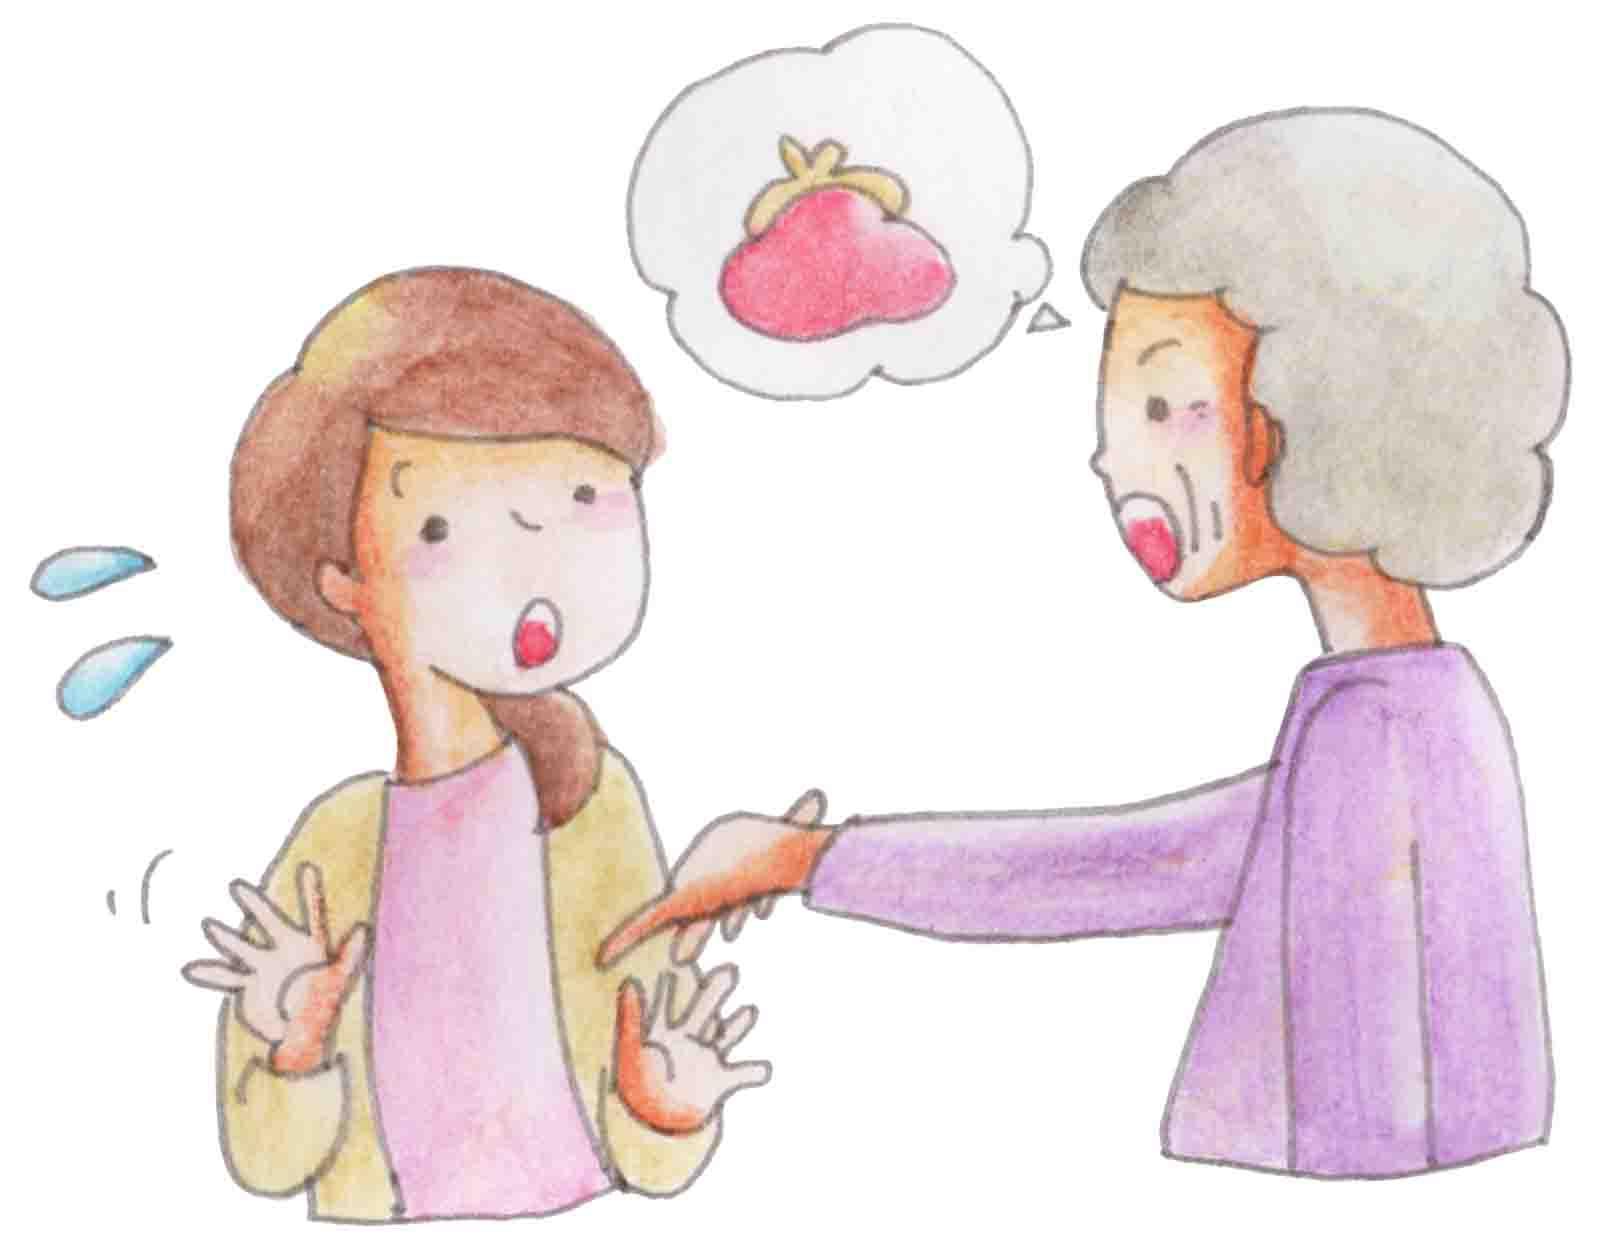 認知症による被害妄想への対応法